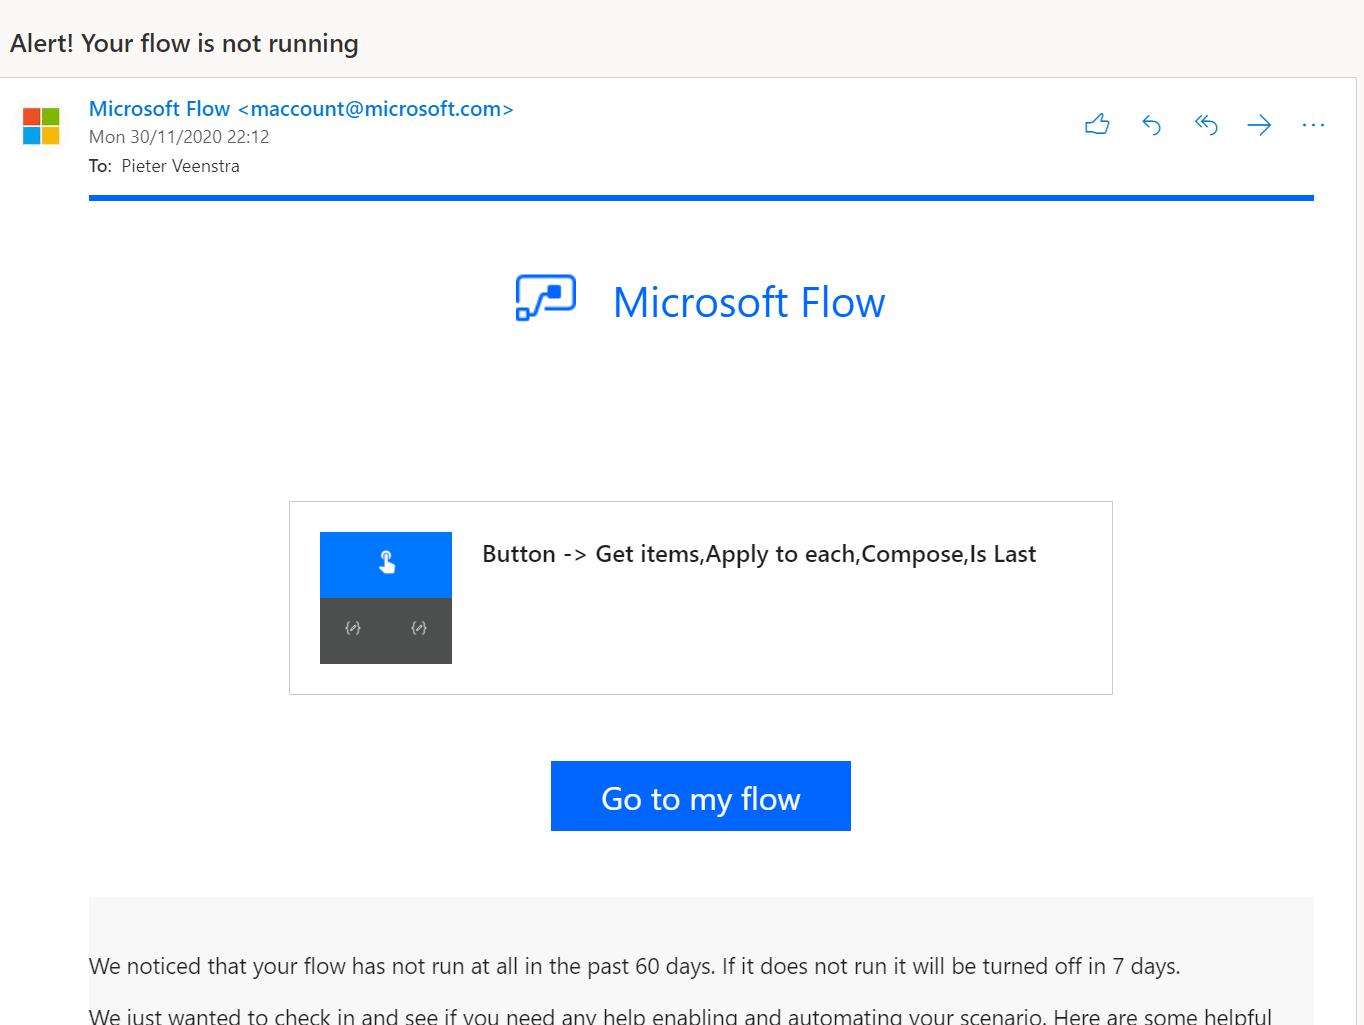 Alert! Your flow is not running